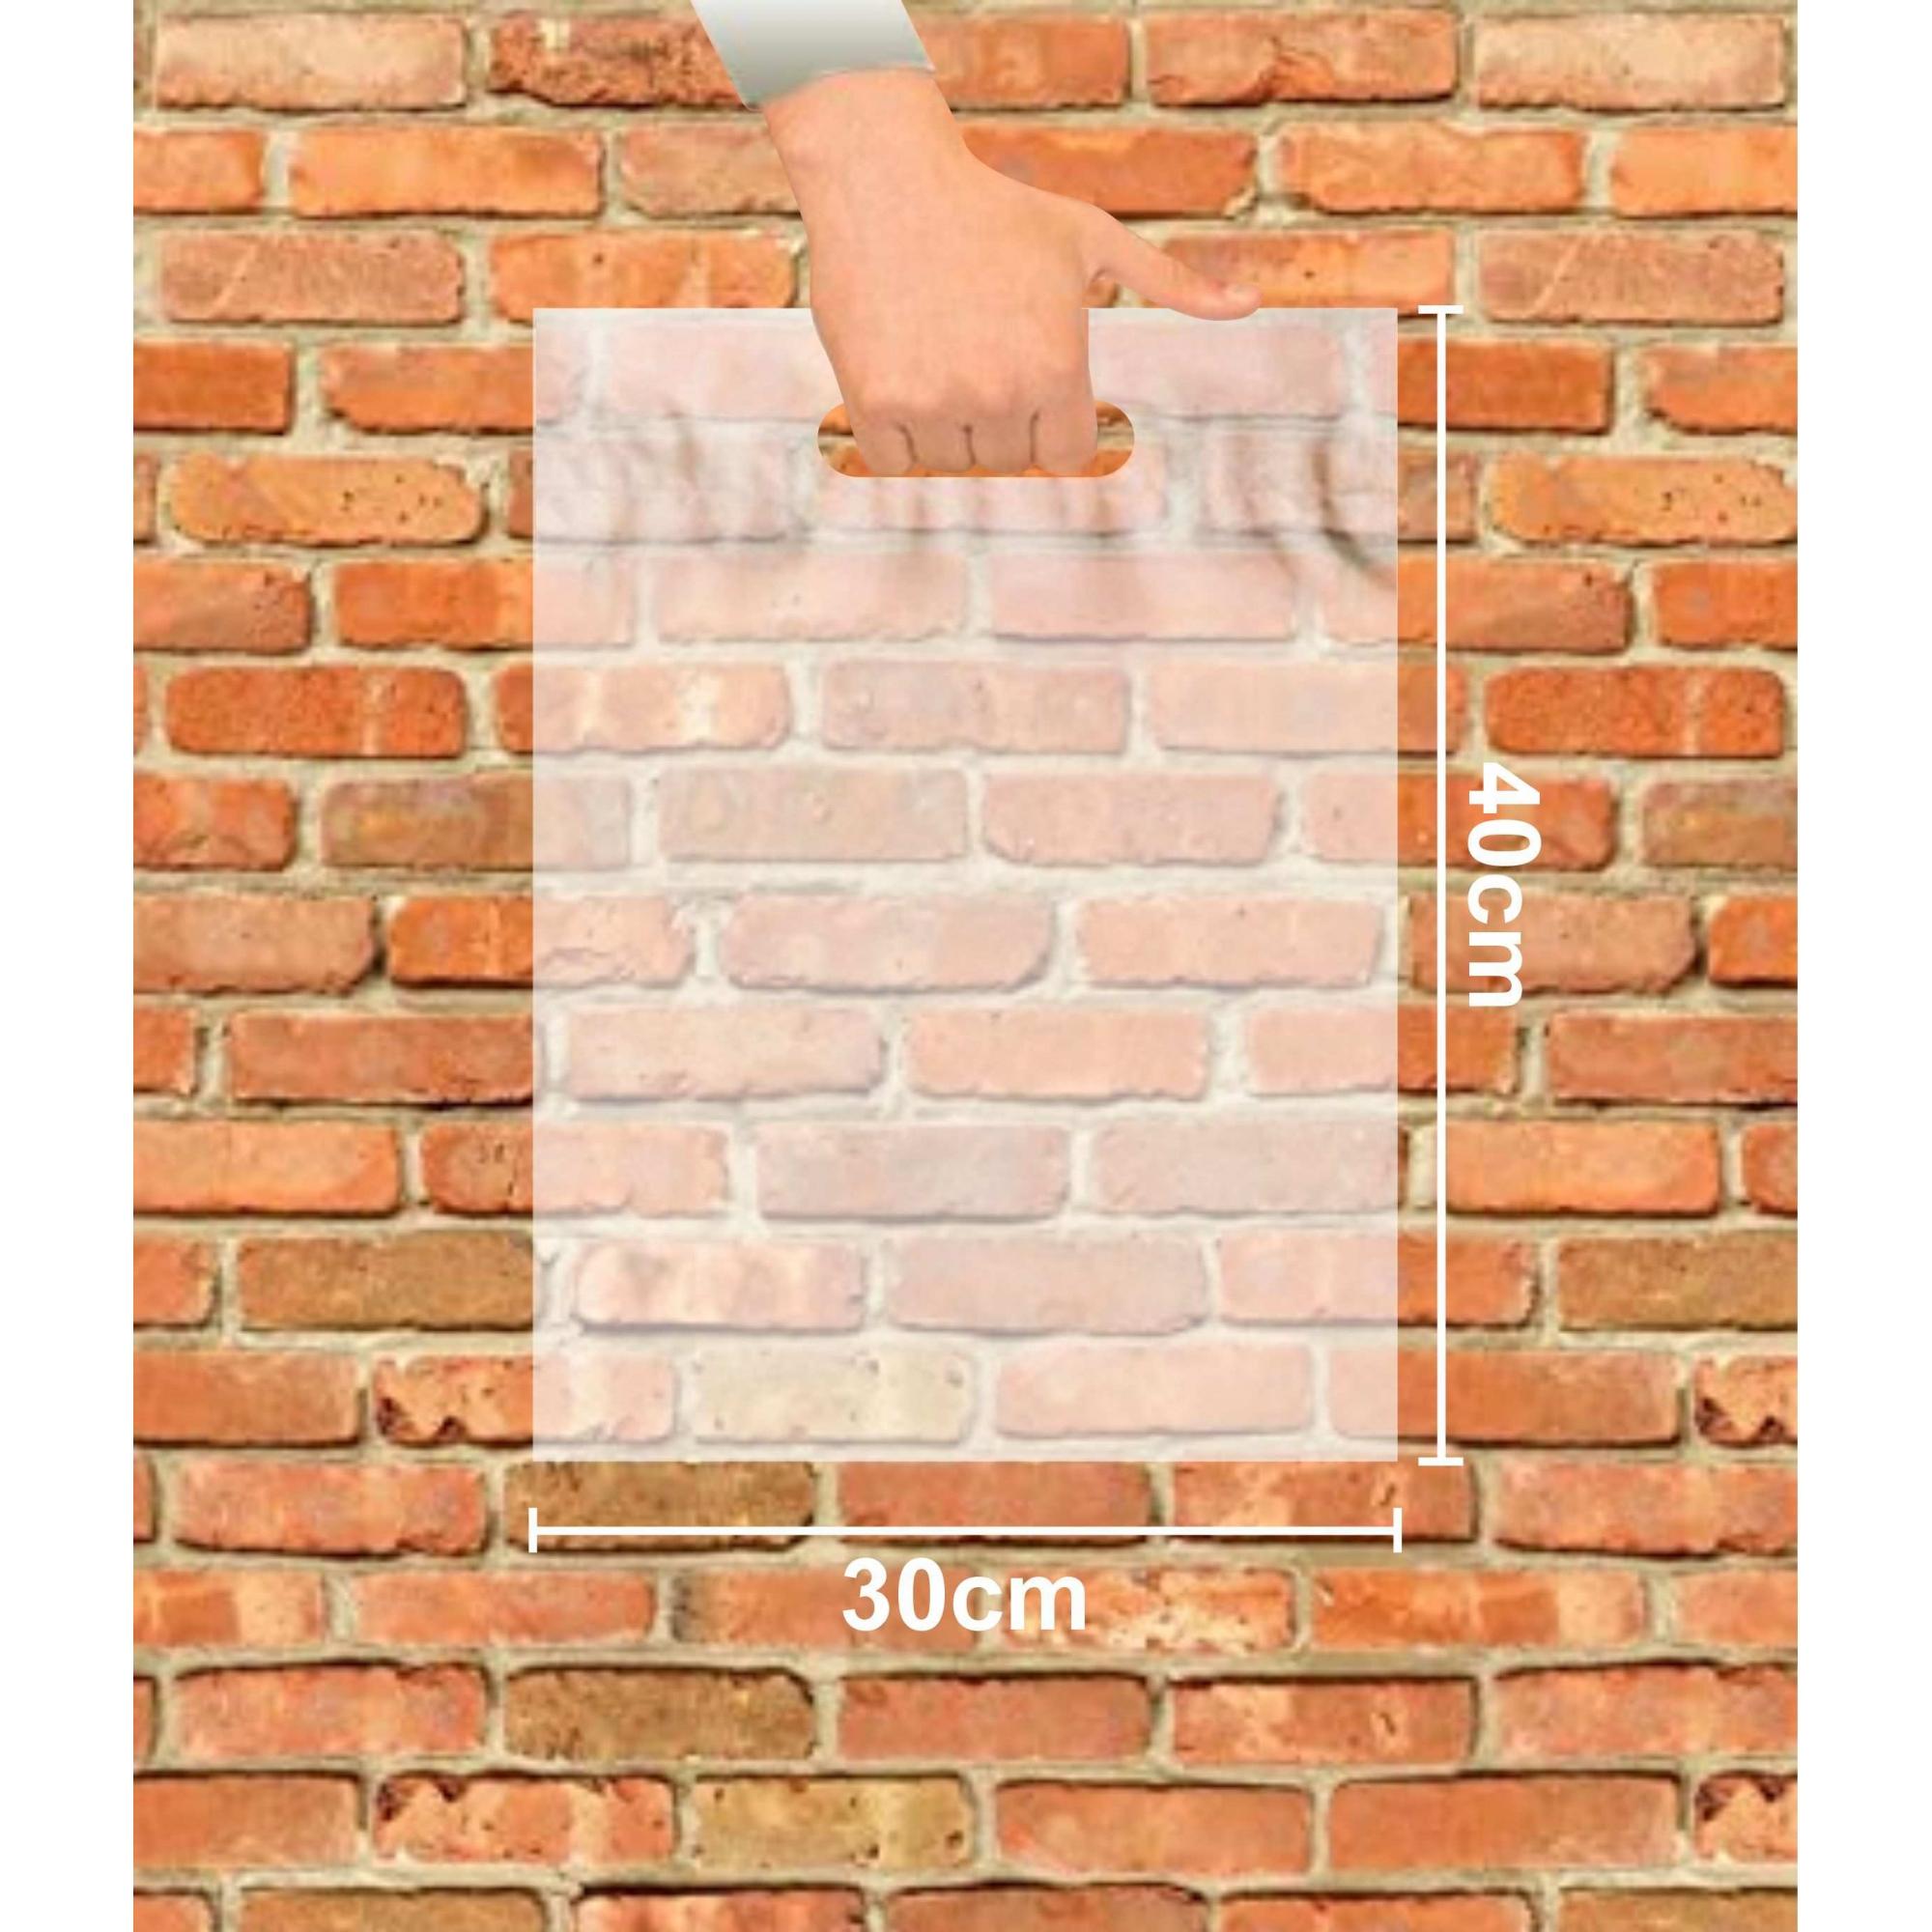 Sacola Plástica 30x40 Transparente Alça Boca de Palhaço 100 Unidades